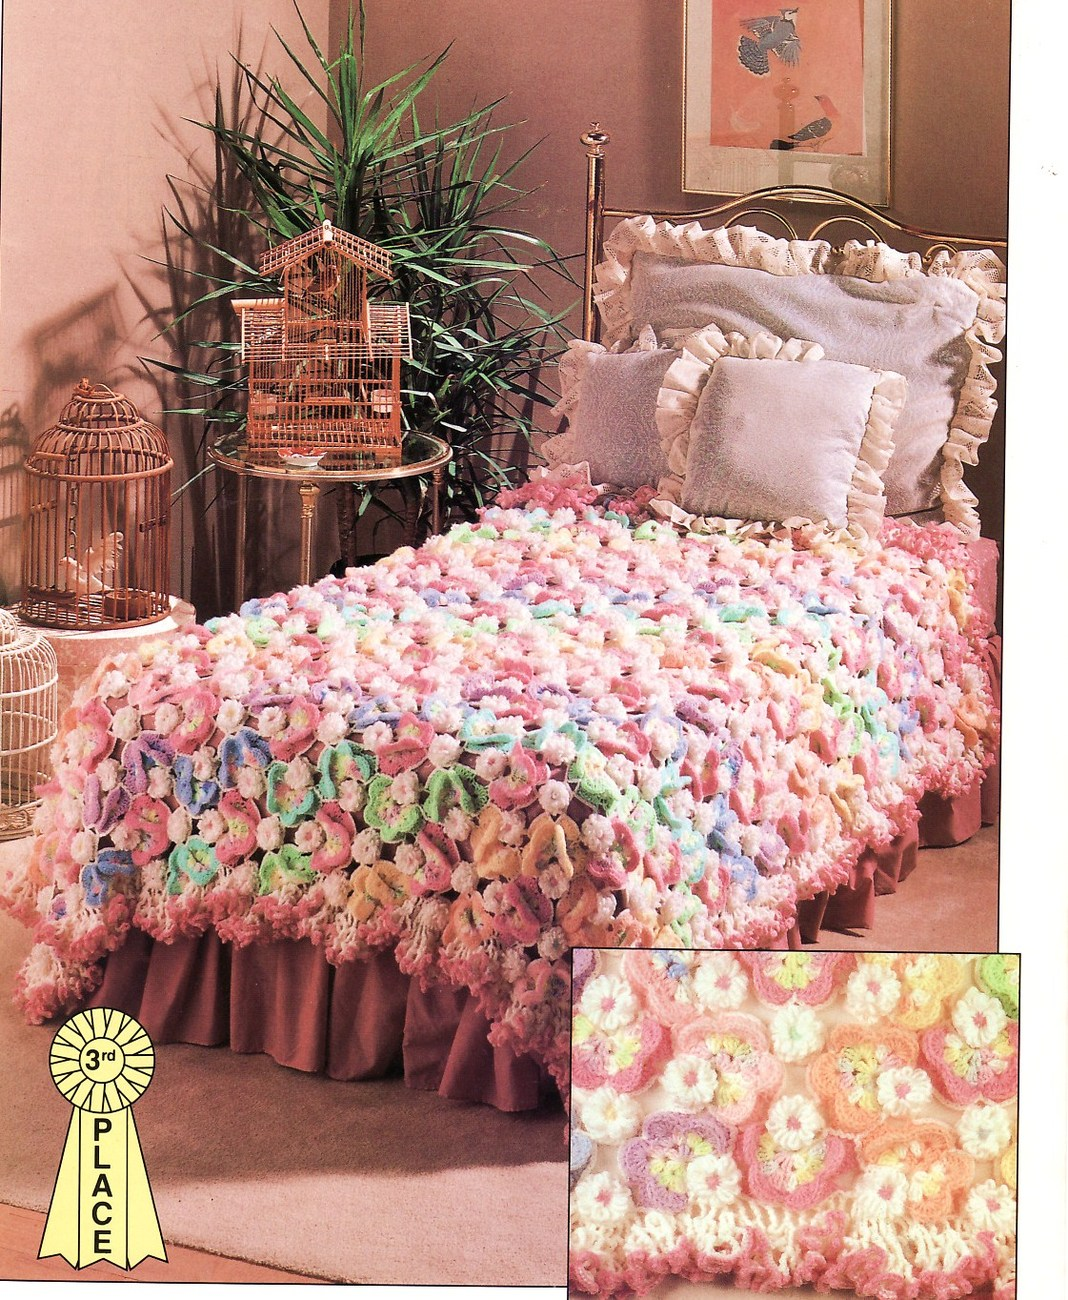 Home Decor Patterns: Rainbow Of Butterflies Crochet Pattern Bedspread Blanket